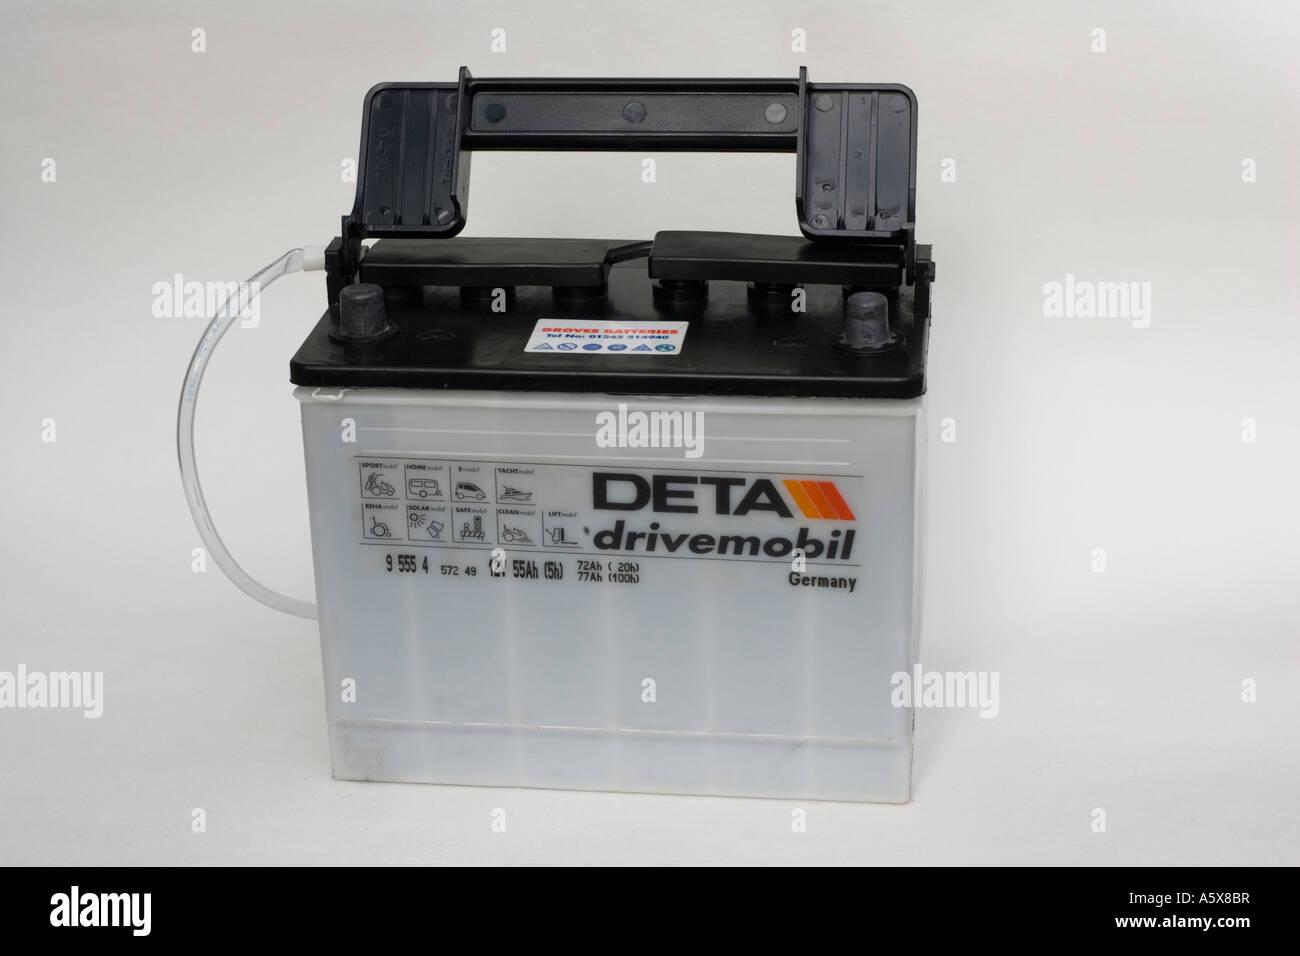 Deta Drivemobil German Lead Acid 12 Volt 55 Amp Hour Car Battery Uk